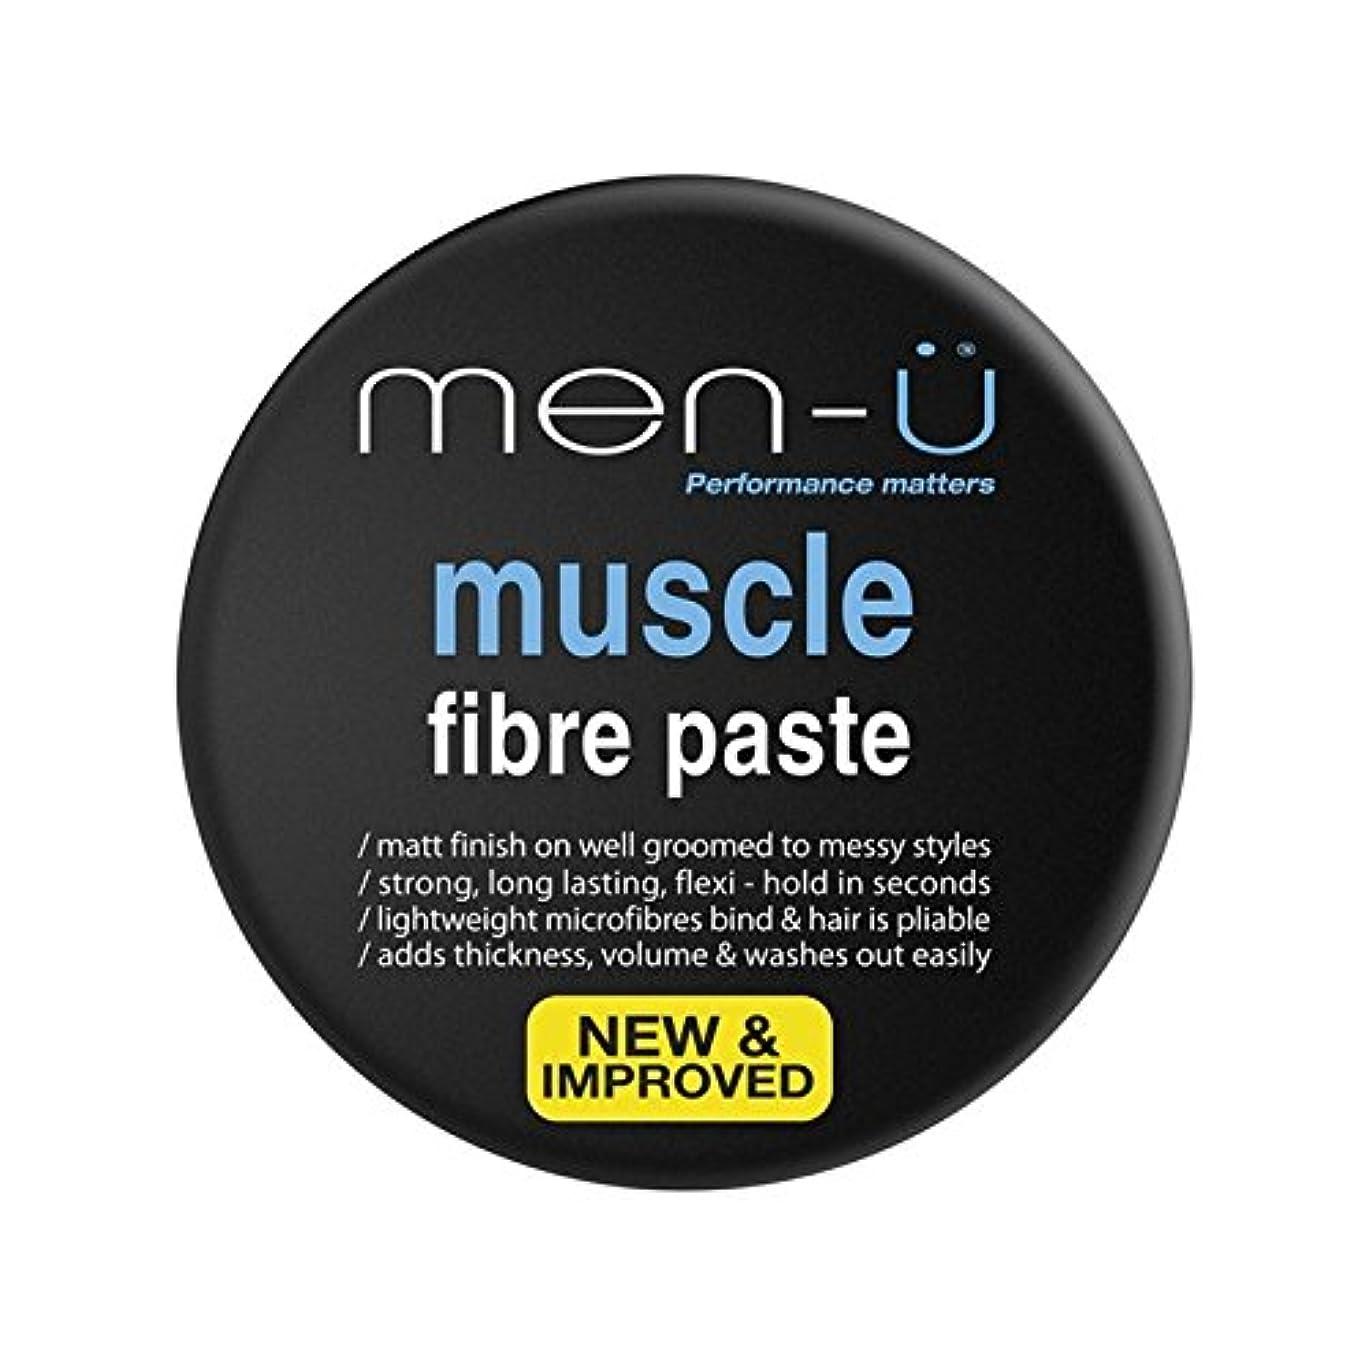 自動車無意味ペナルティMen-? Muscle Fibre Paste (100ml) (Pack of 6) - 男性-?筋線維ペースト(100ミリリットル) x6 [並行輸入品]